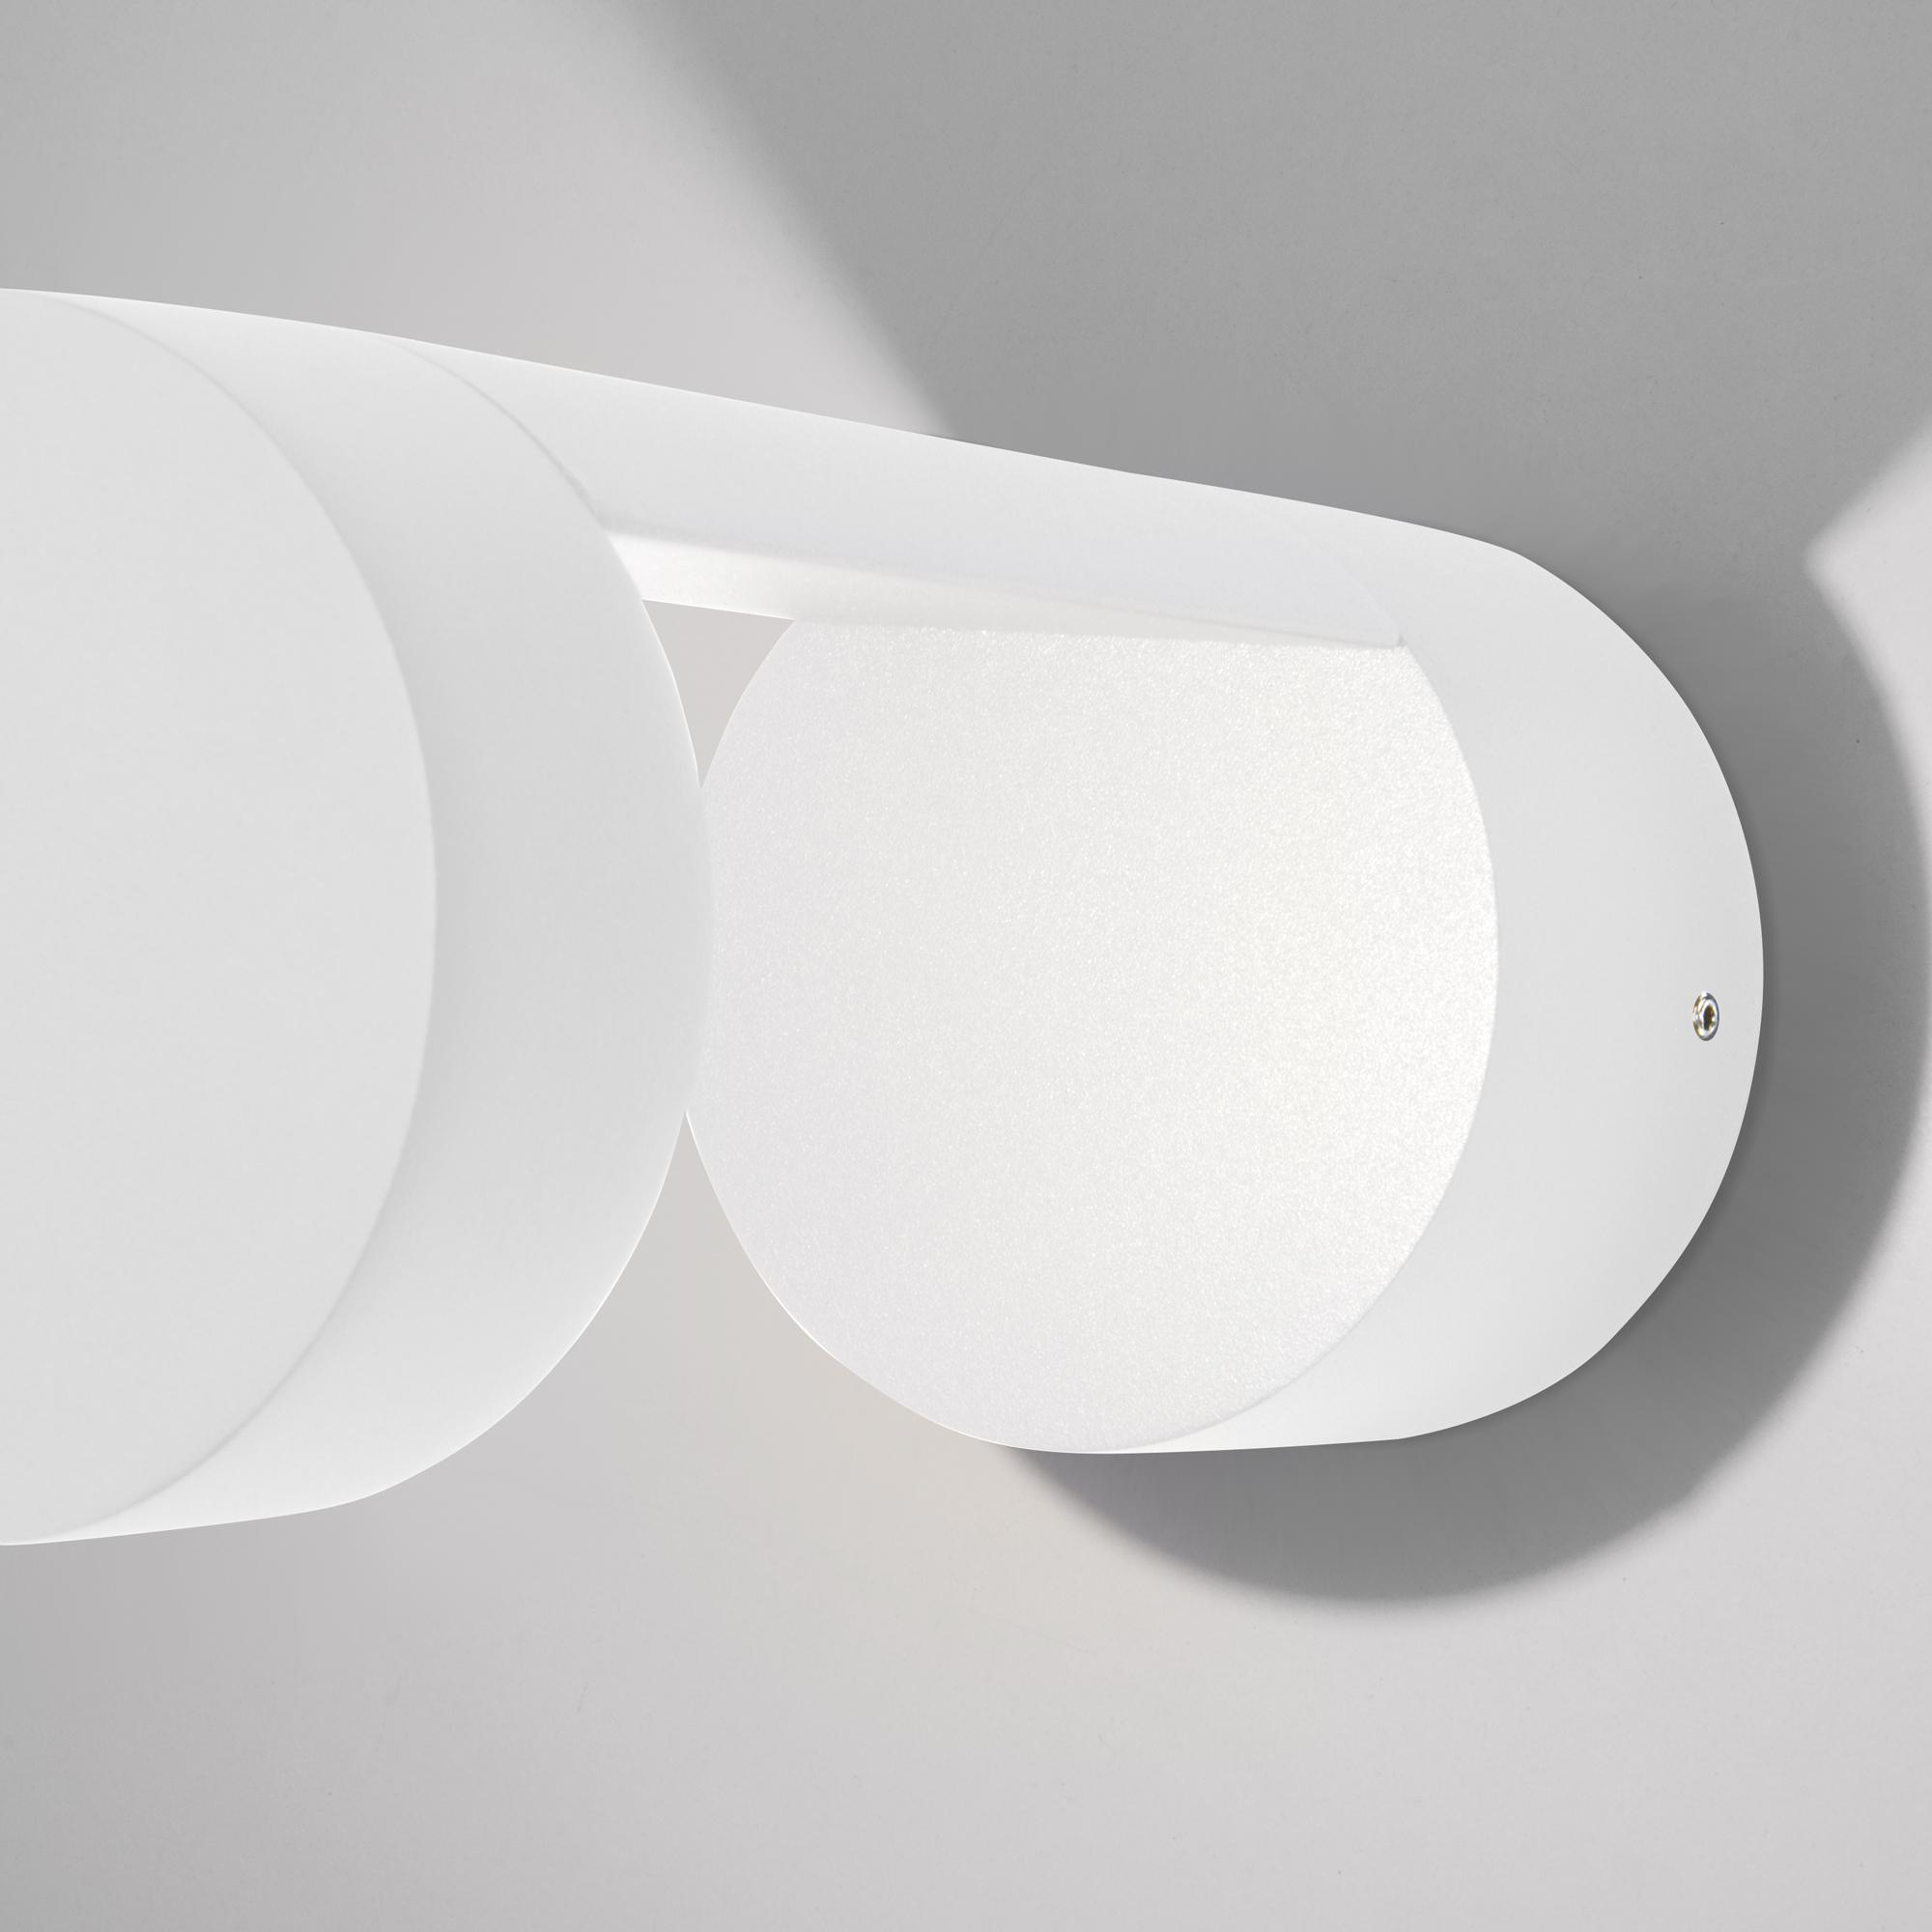 Уличный настенный светодиодный светильник Nimbus IP54 1540 TECHNO LED белый